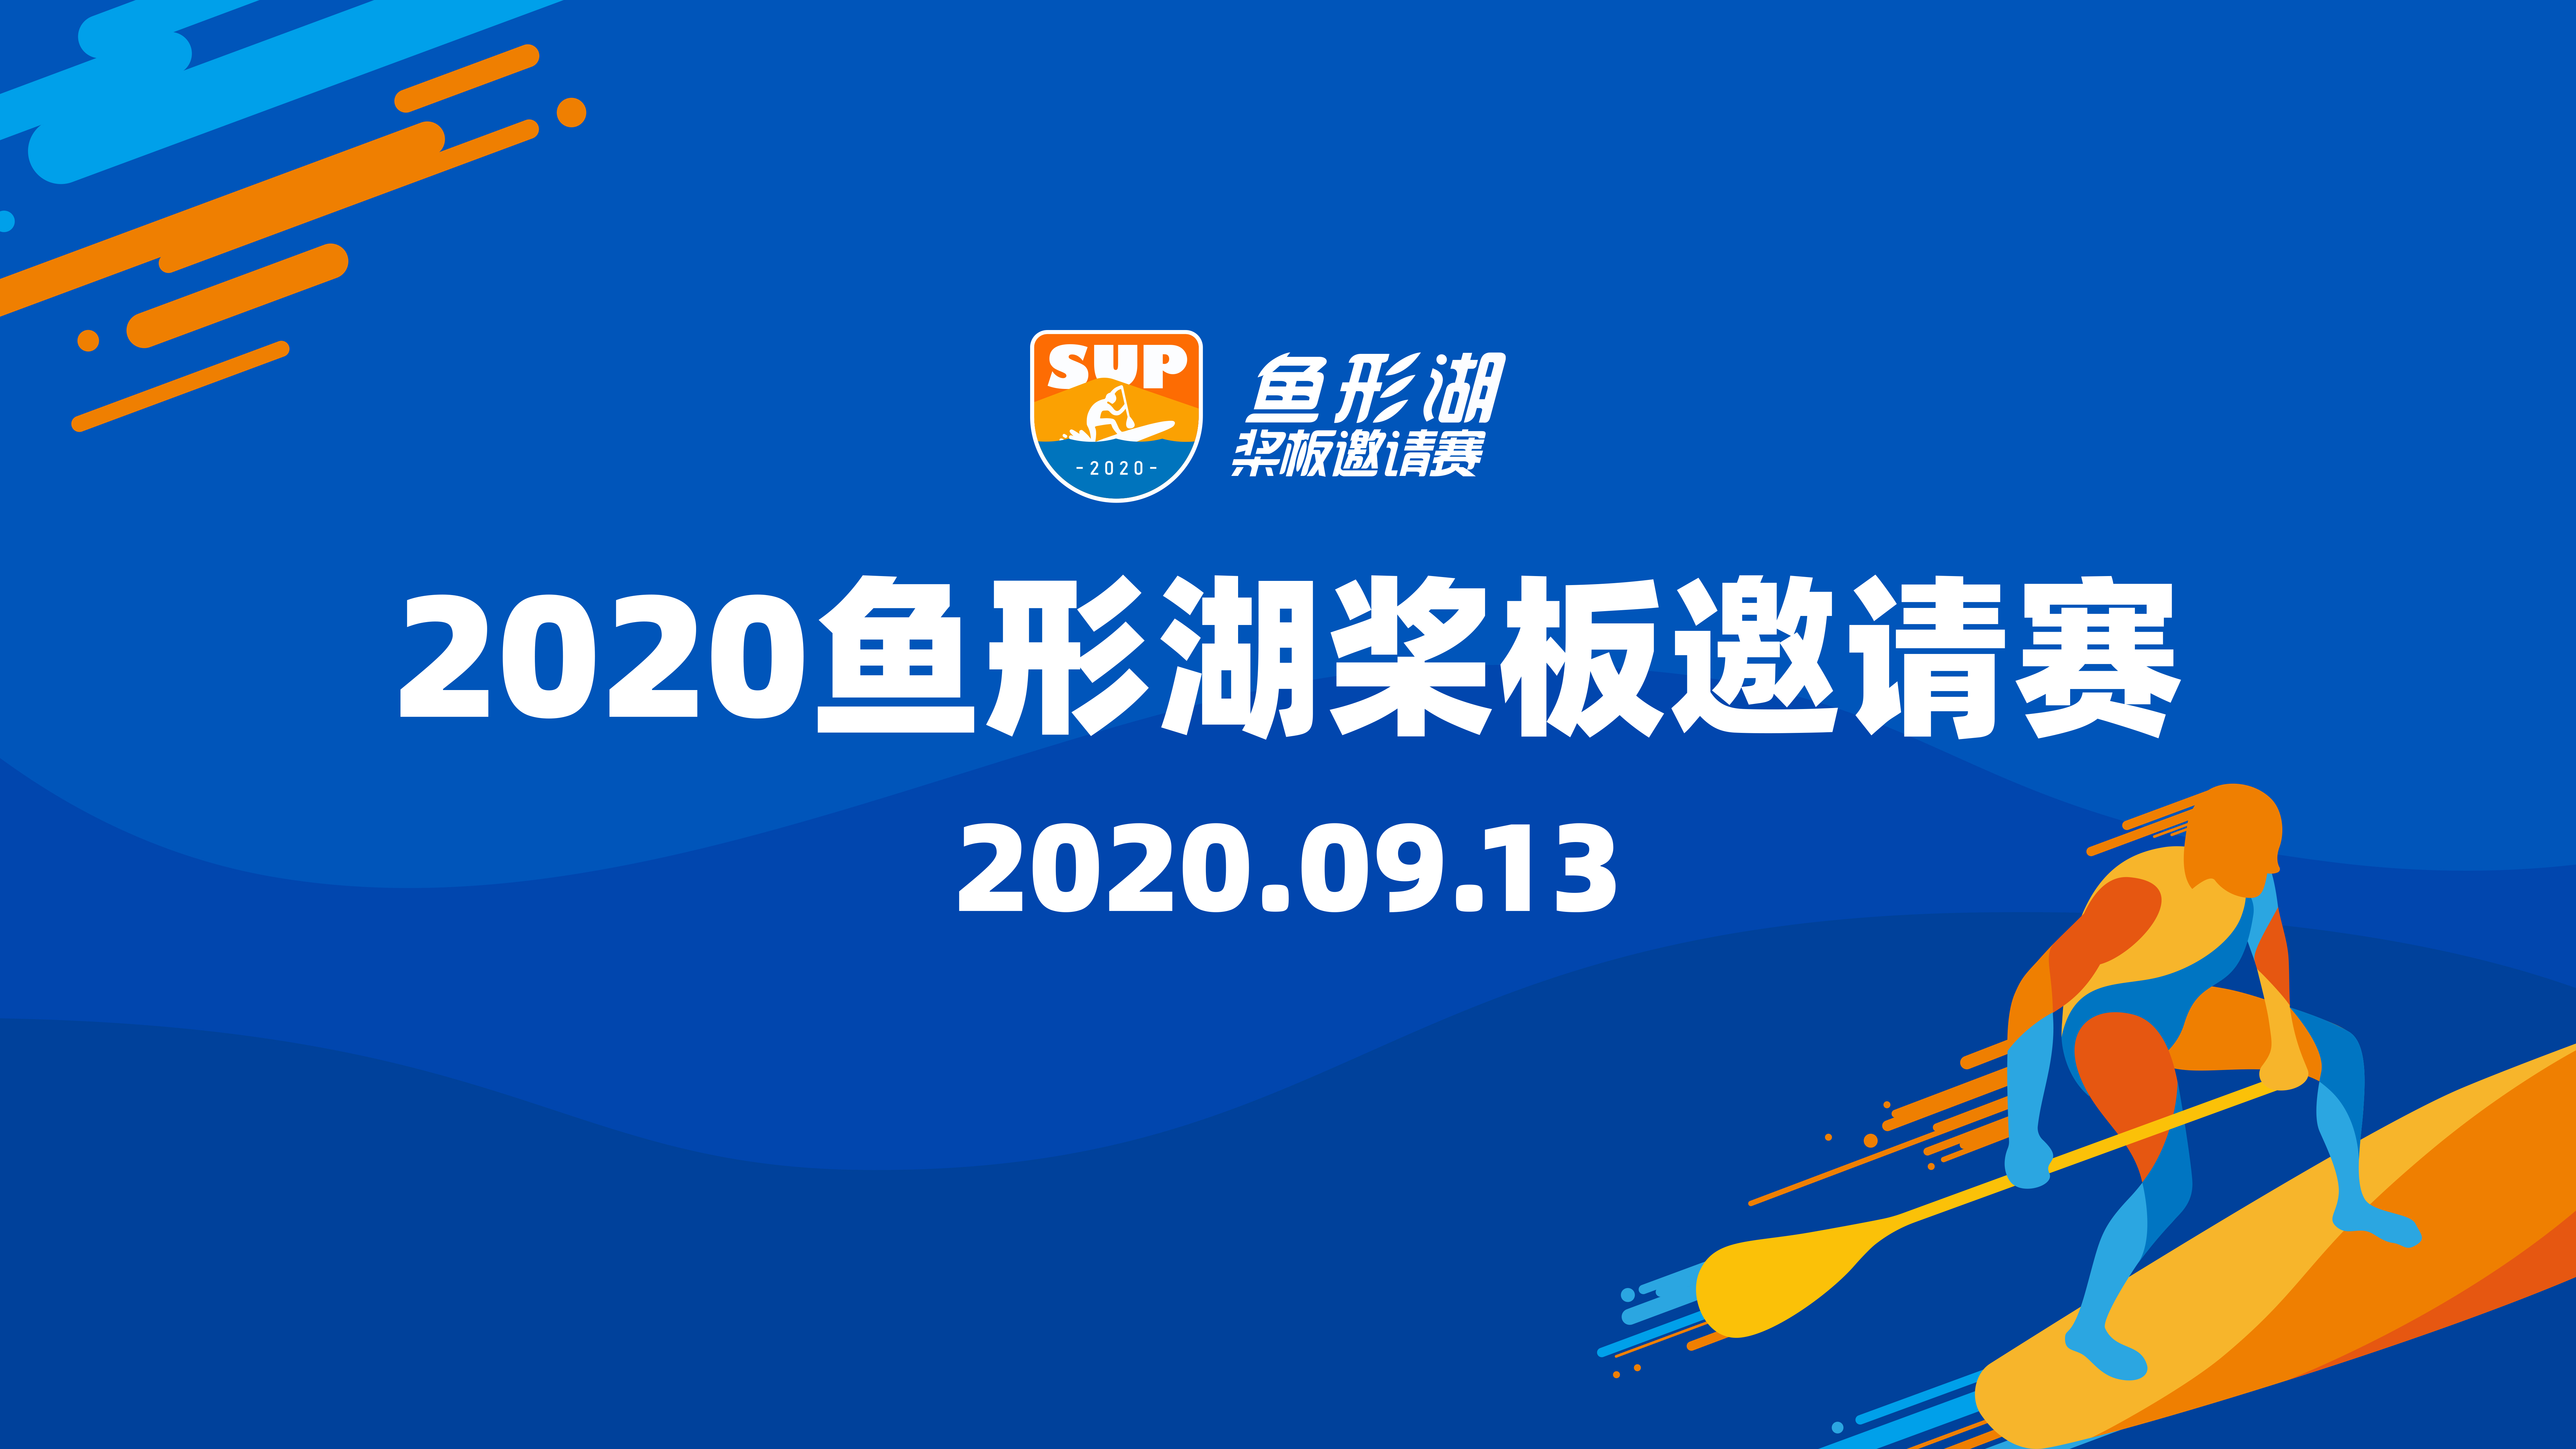 2020鱼形湖桨板邀请赛宣传片